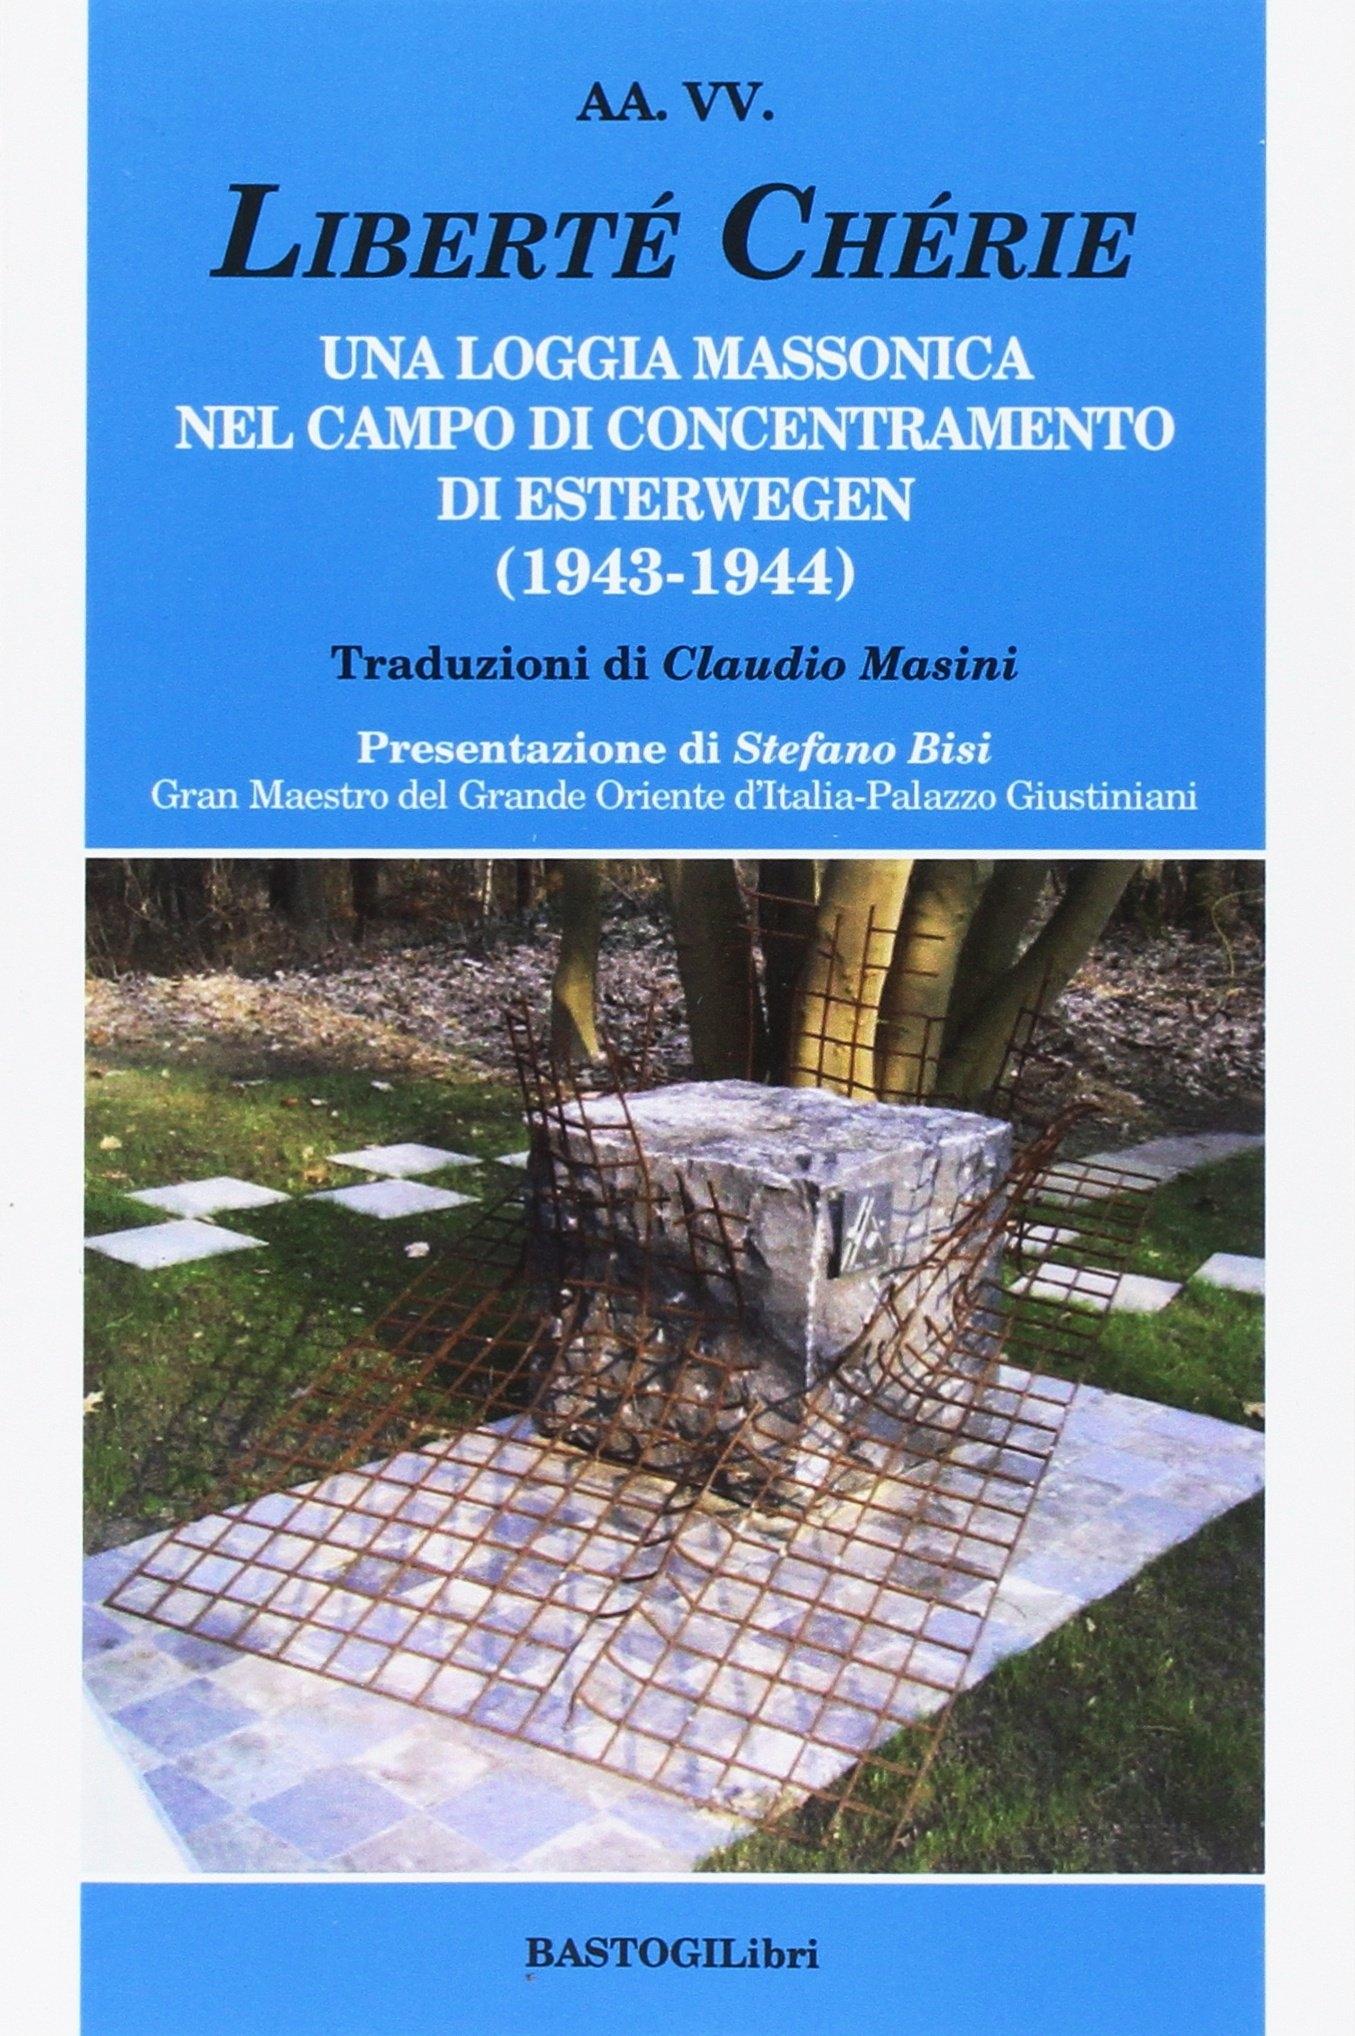 Liberté Chérie. Una Logica Massonica nel Campo di Concentramento di Esterwegen (1943-1944).